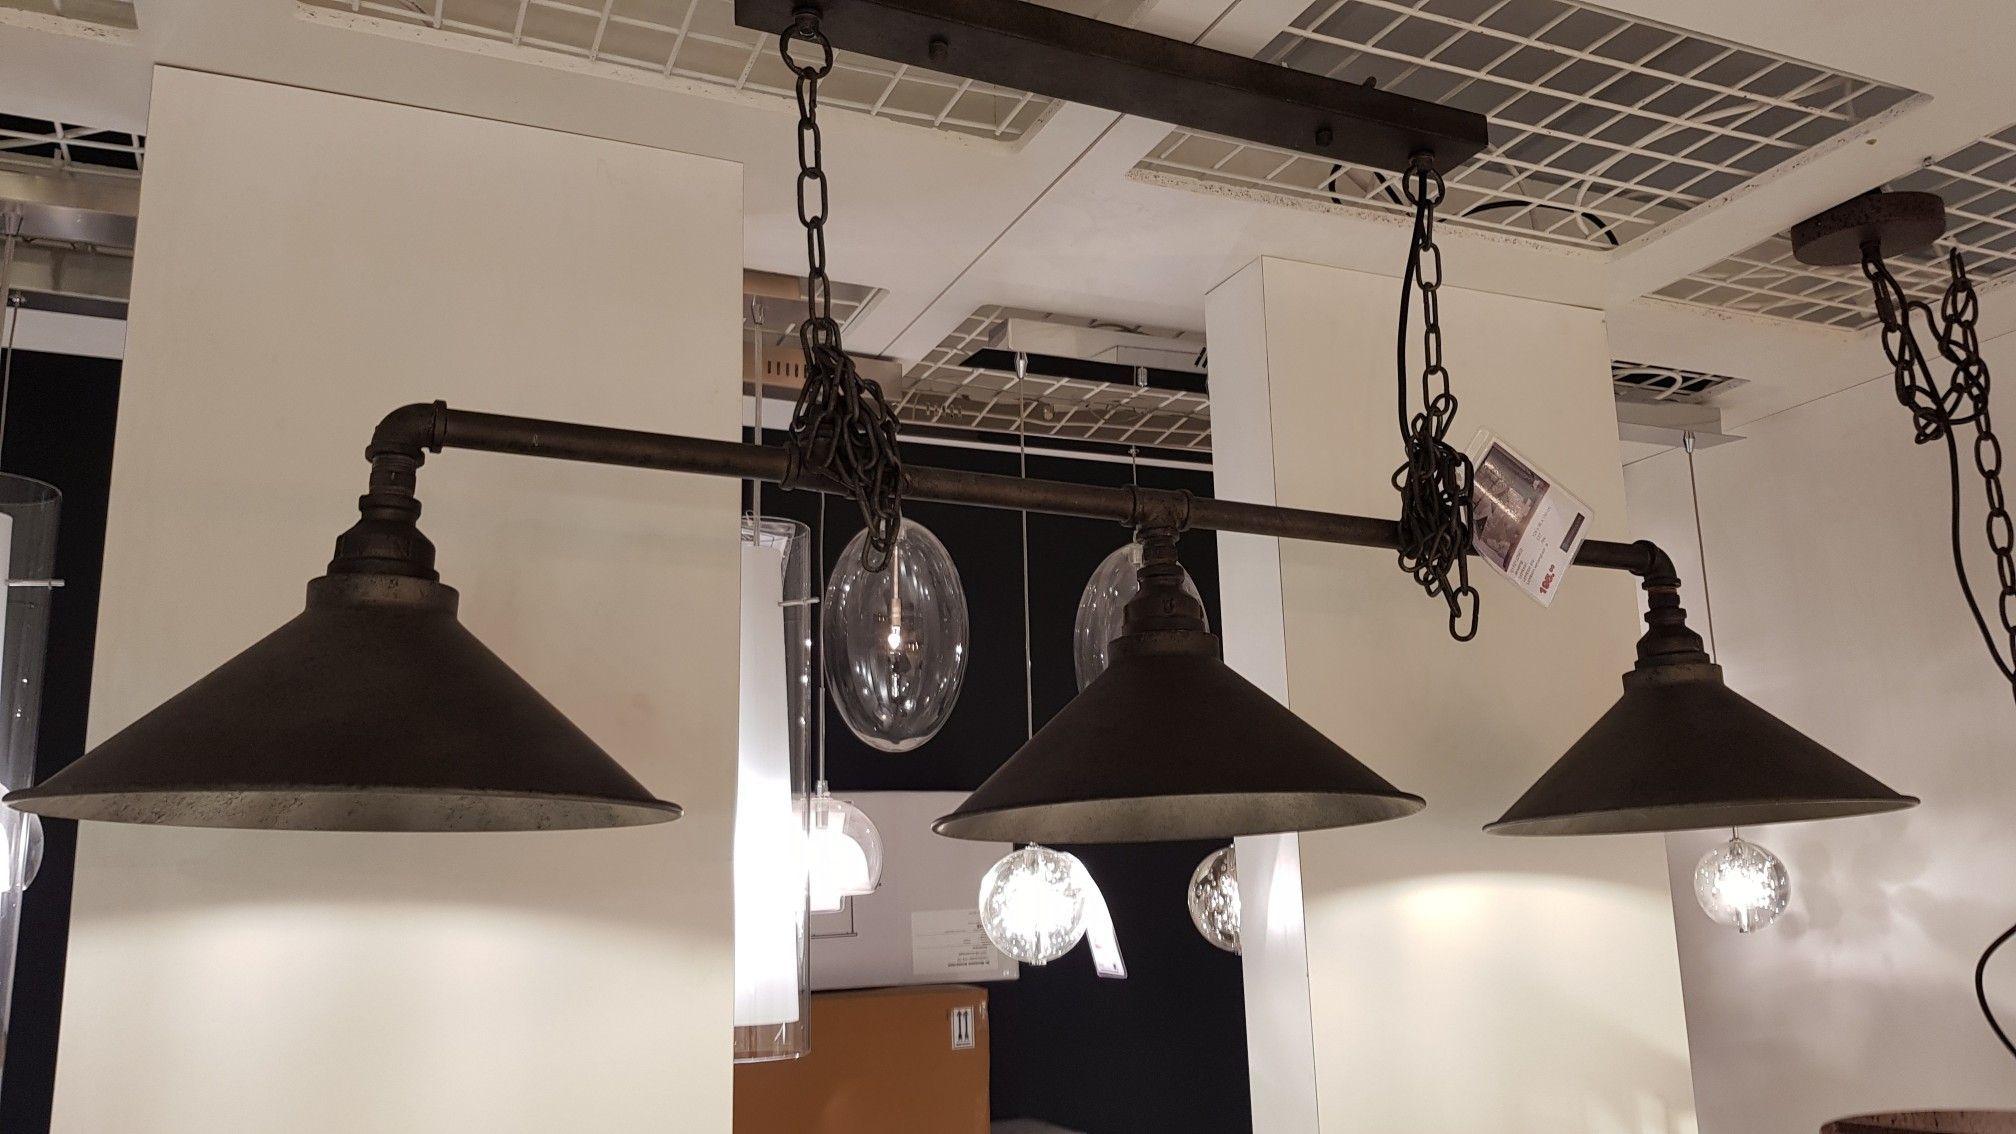 ≥ hanglampen voor boven eettafel lampen hanglampen